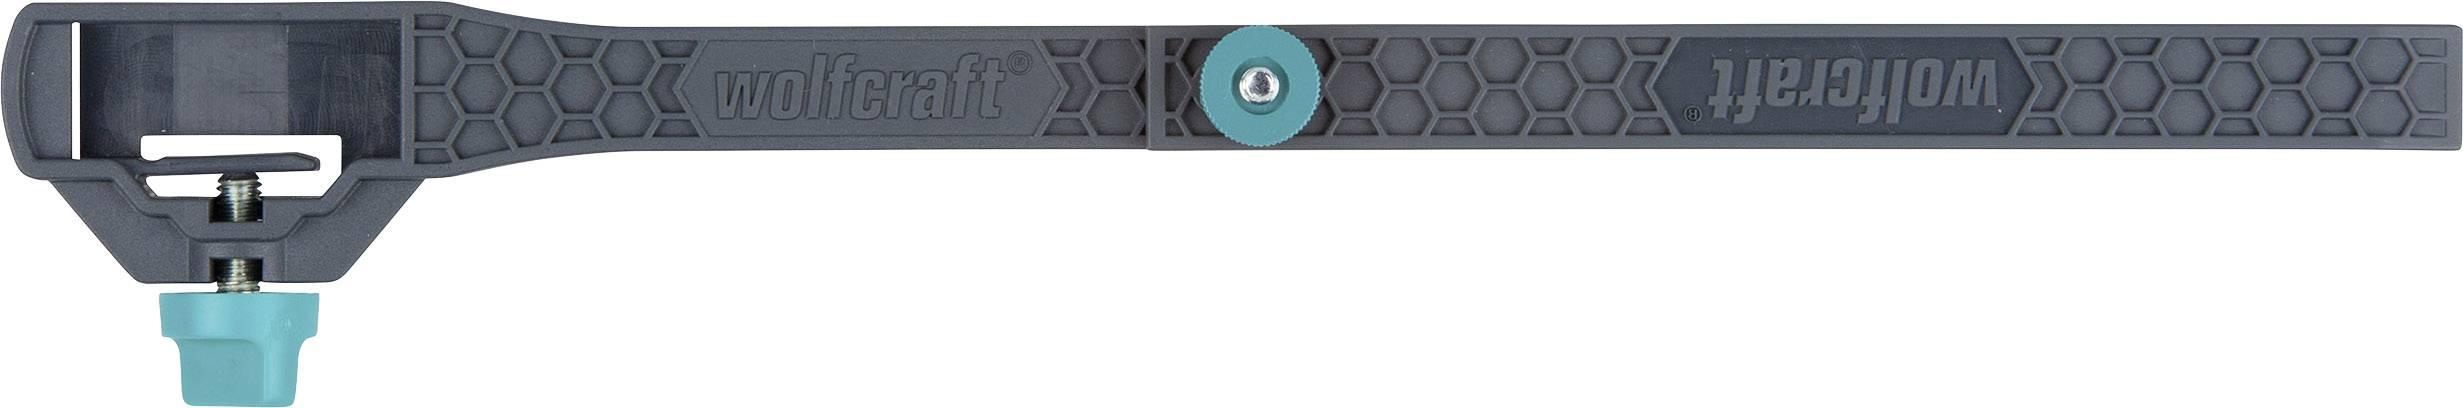 Nástavec pro měření vnitřeních rozměrů pro skládací metr Wolfcraft 5223000